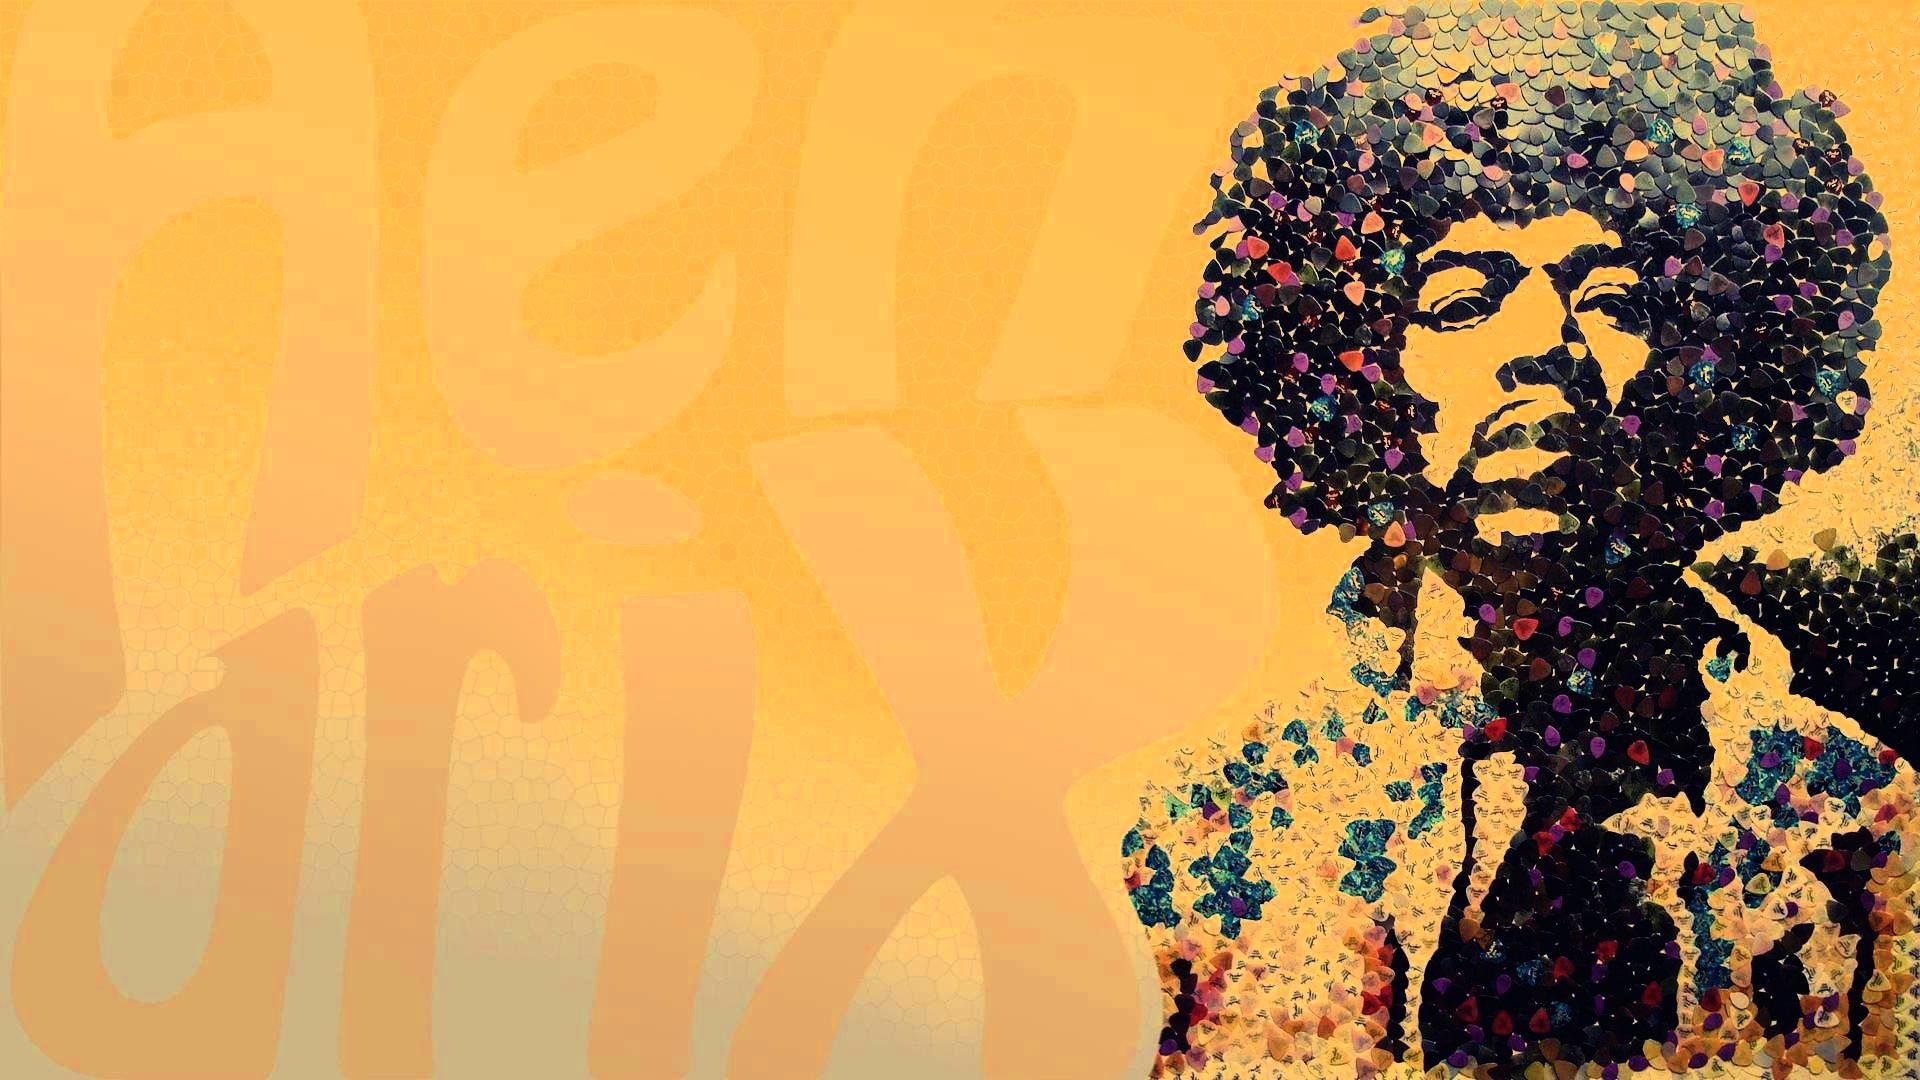 Pin Jimi Hendrix Wallpaper On Pinterest Jimi Hendrix Trippy